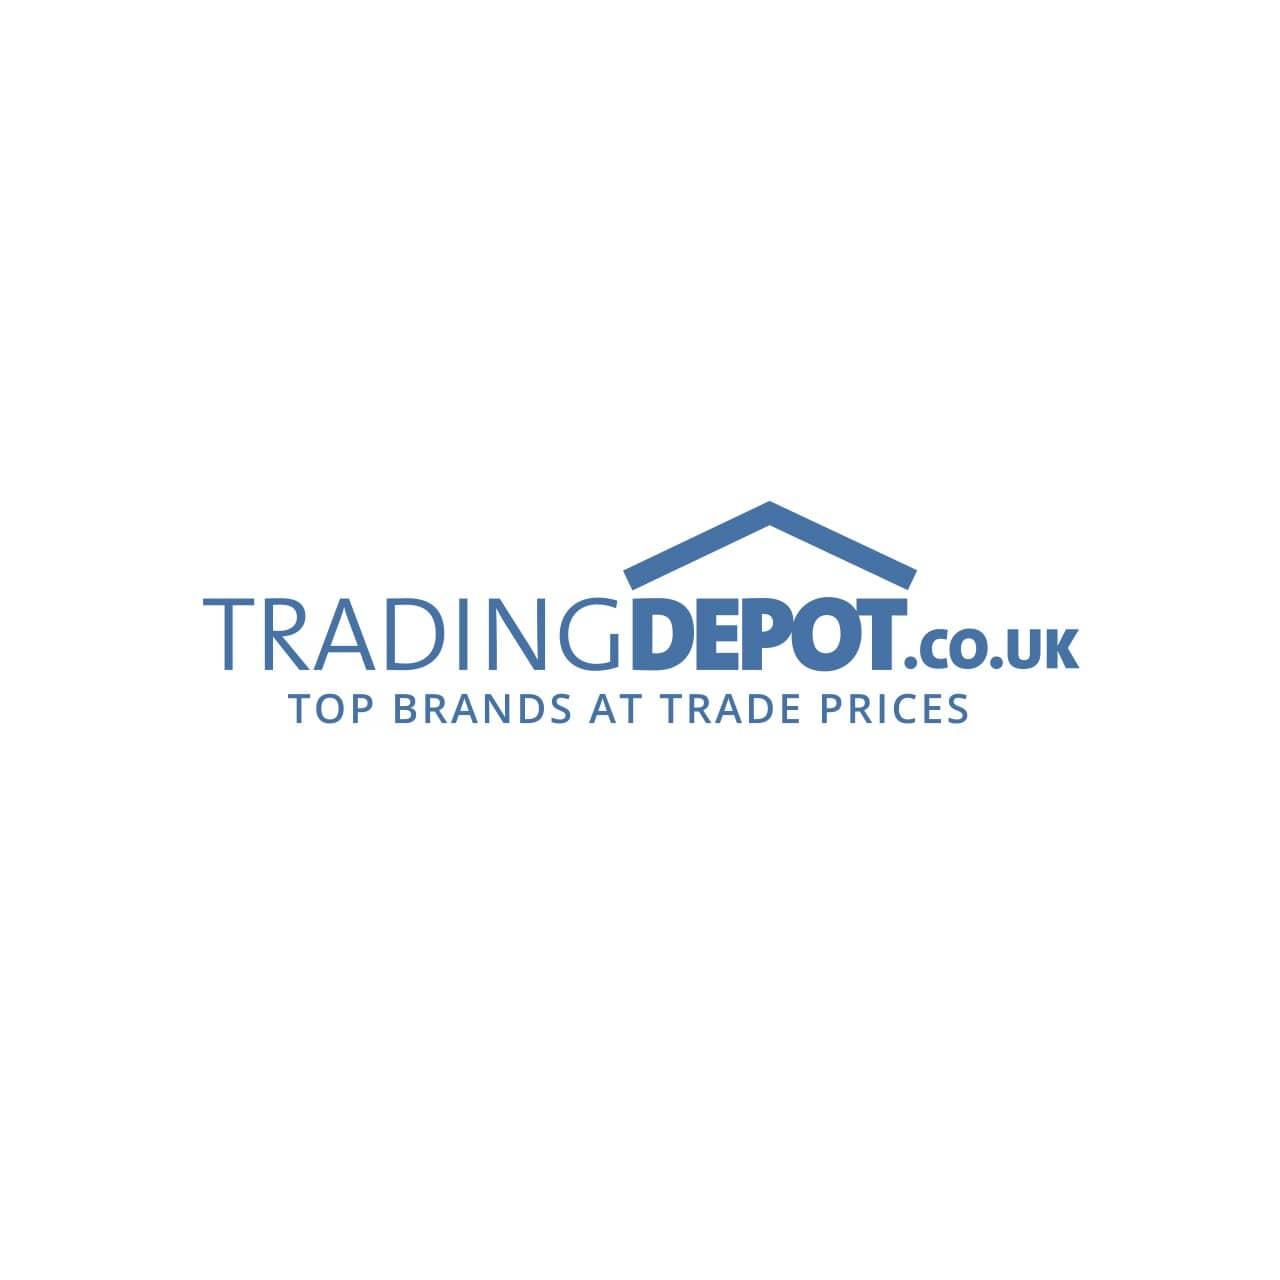 LPD Door Lining FD30 Hardwood Door 1080x2130x45mm - DL45108FD